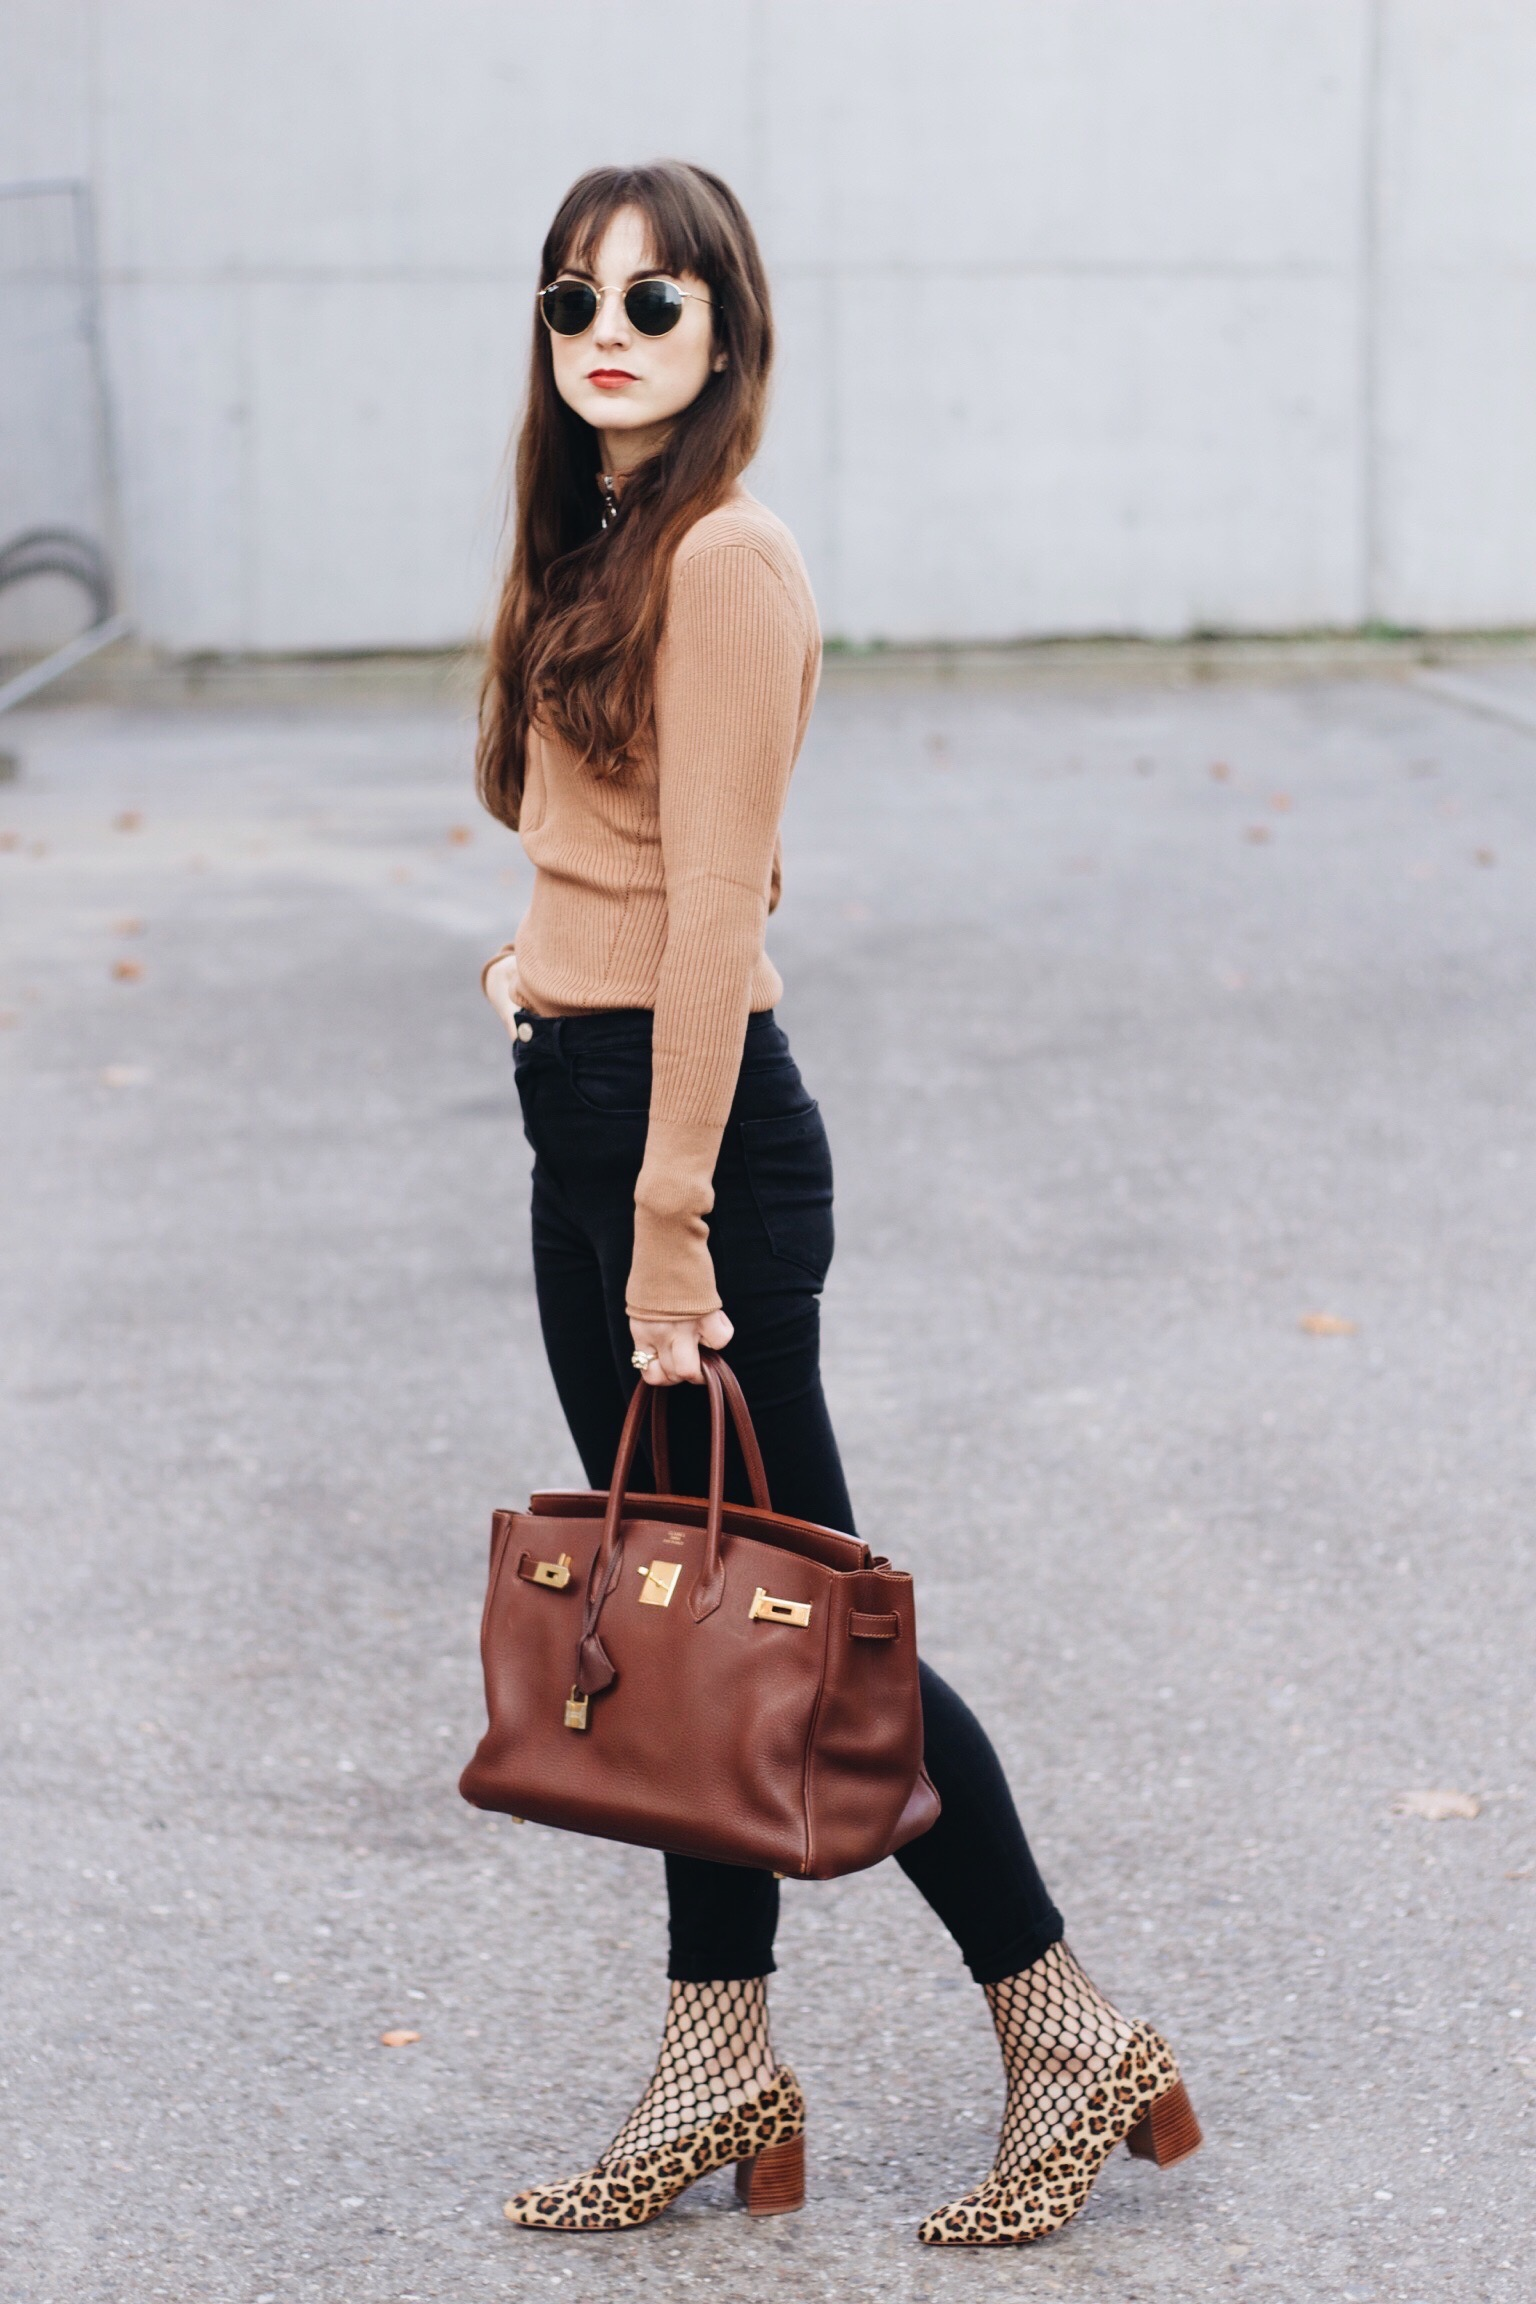 Birkin Bag, Leo Pumps, Netzstrumpfhose kombiniert für meinen Modeblog